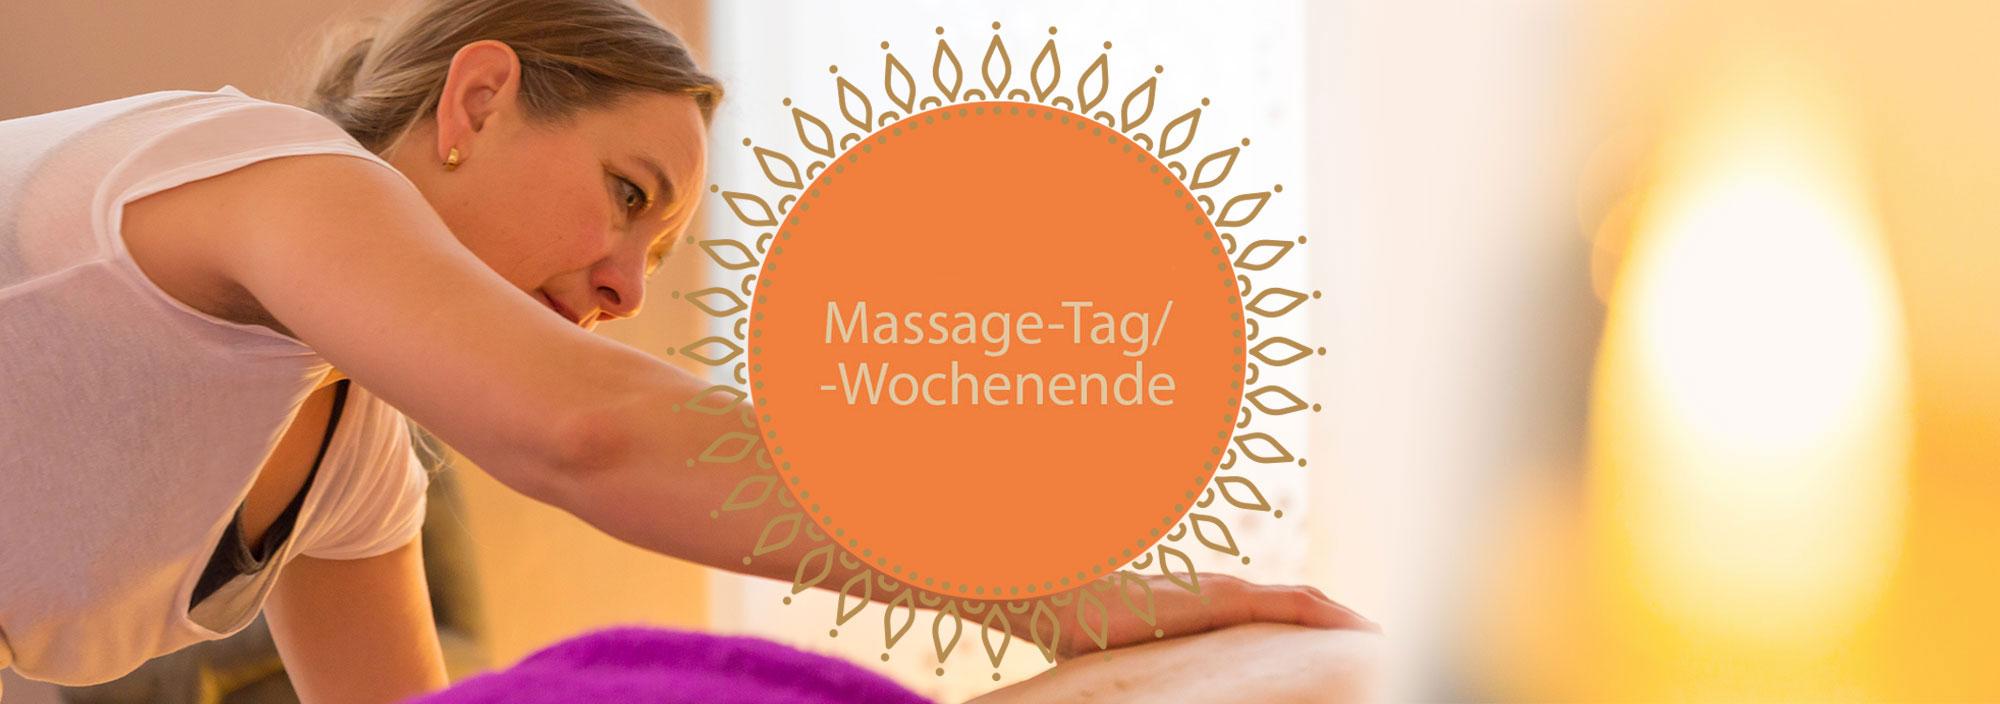 Massage Tages- und Wochenendekurse